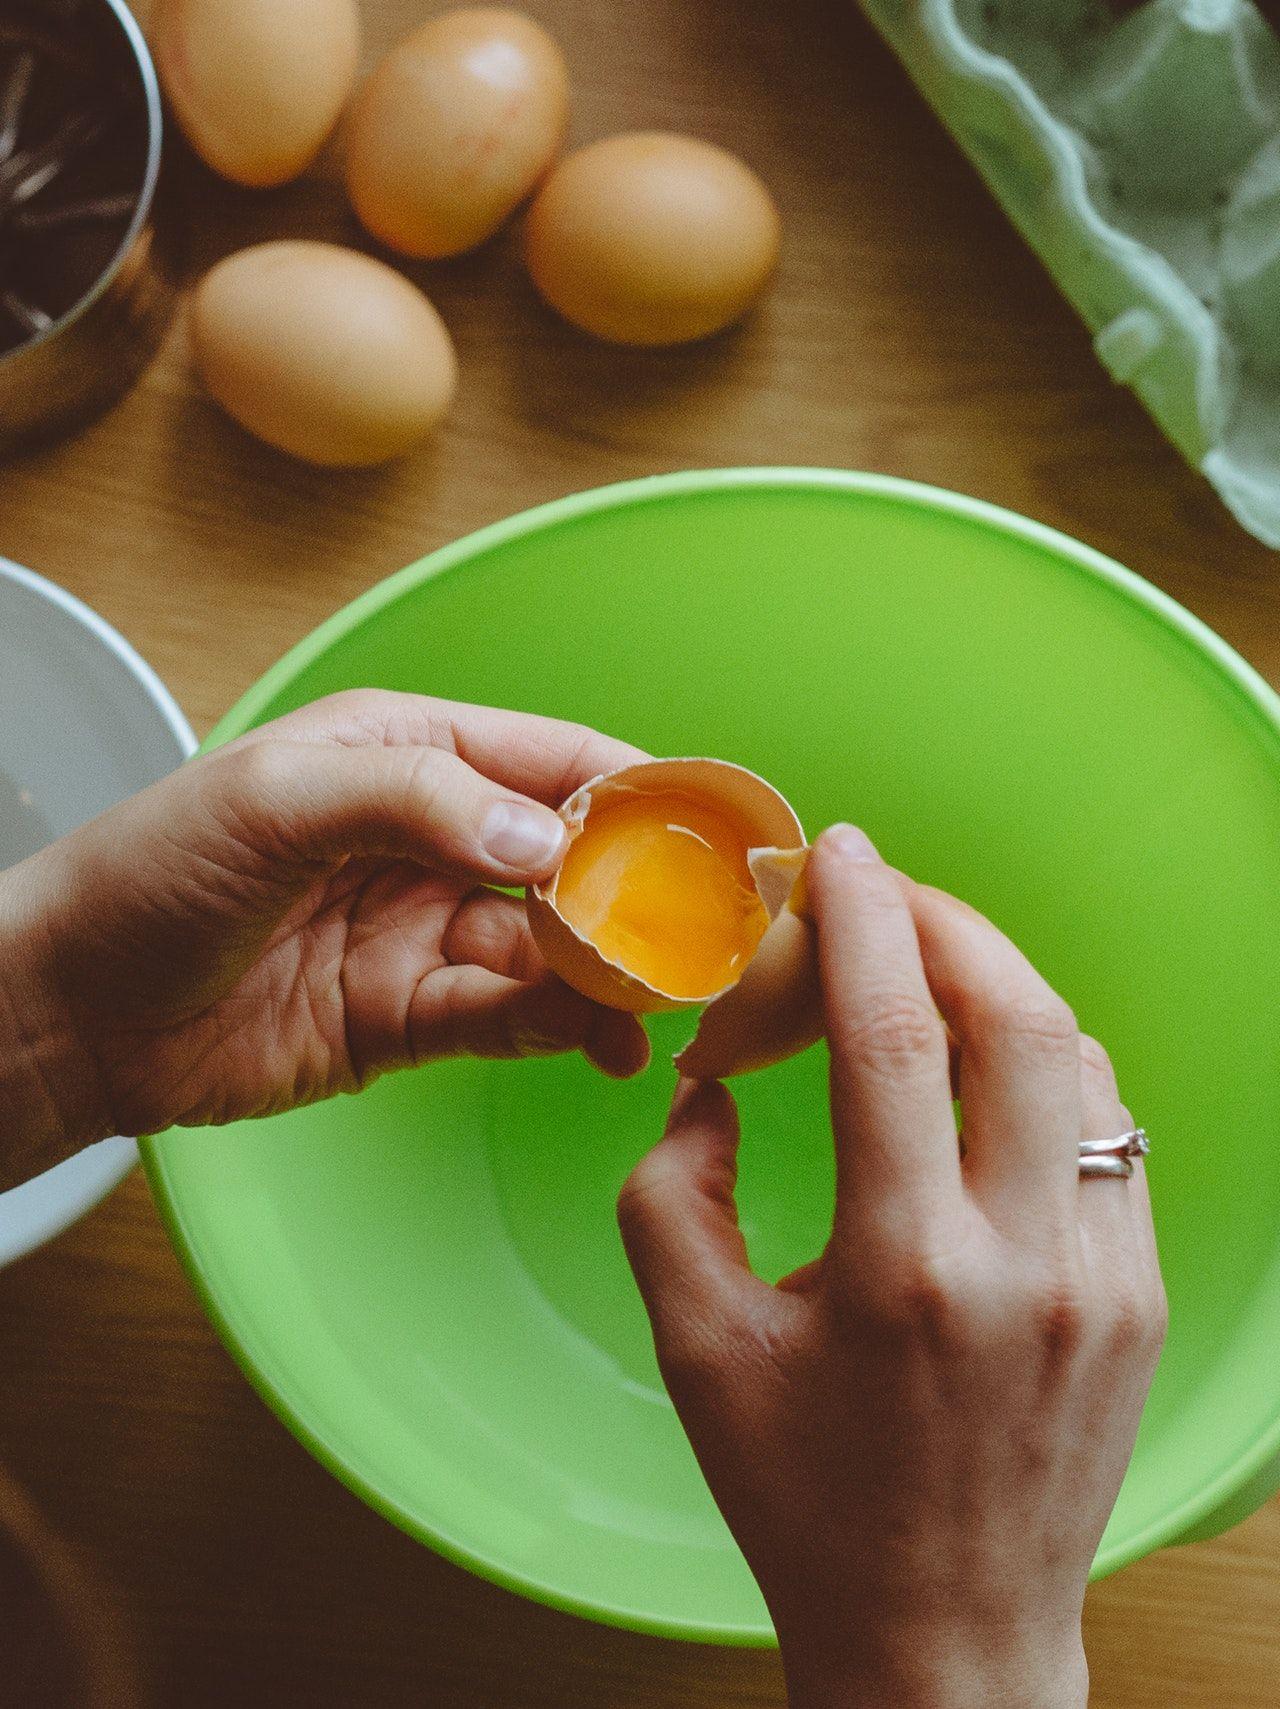 Foto de Consumir huevos cada día podría ayudar en la prevención de